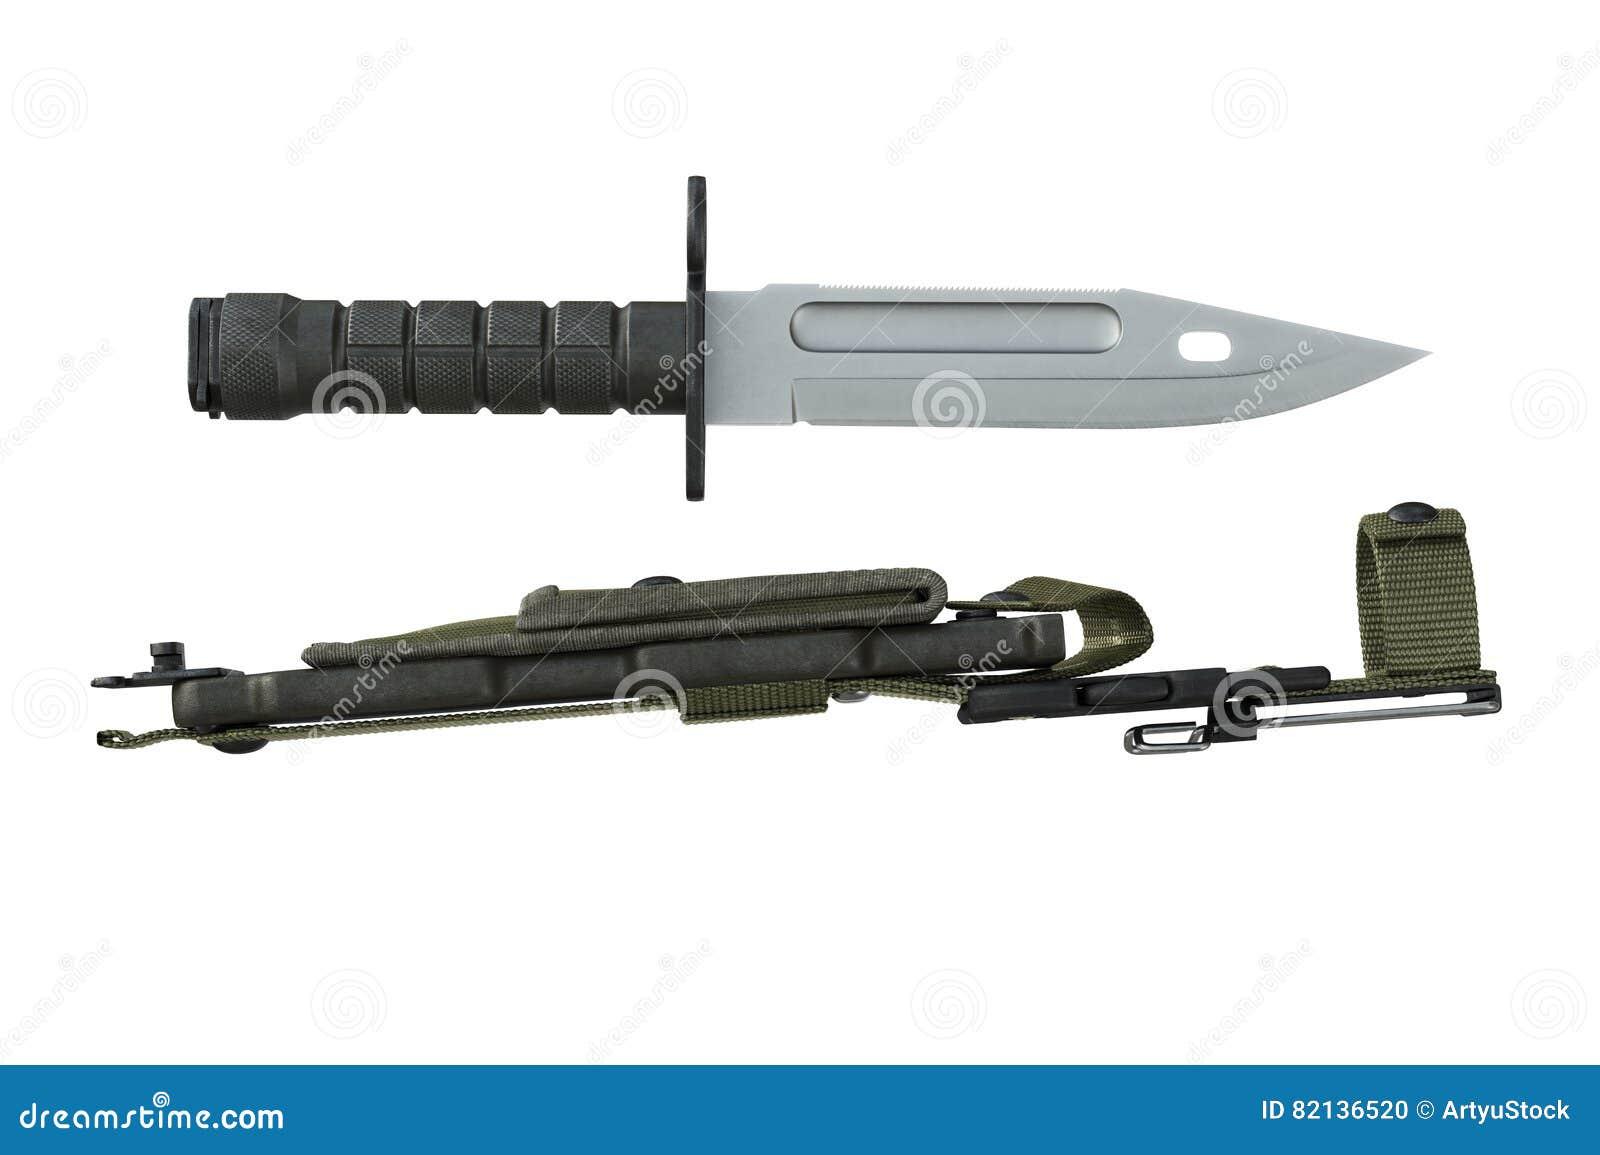 0b1c0e8075 Lâmina de aço do exército da faca para a batalha e a proteção, vista  lateral rendição 3d. Mais ilustrações de stock similares